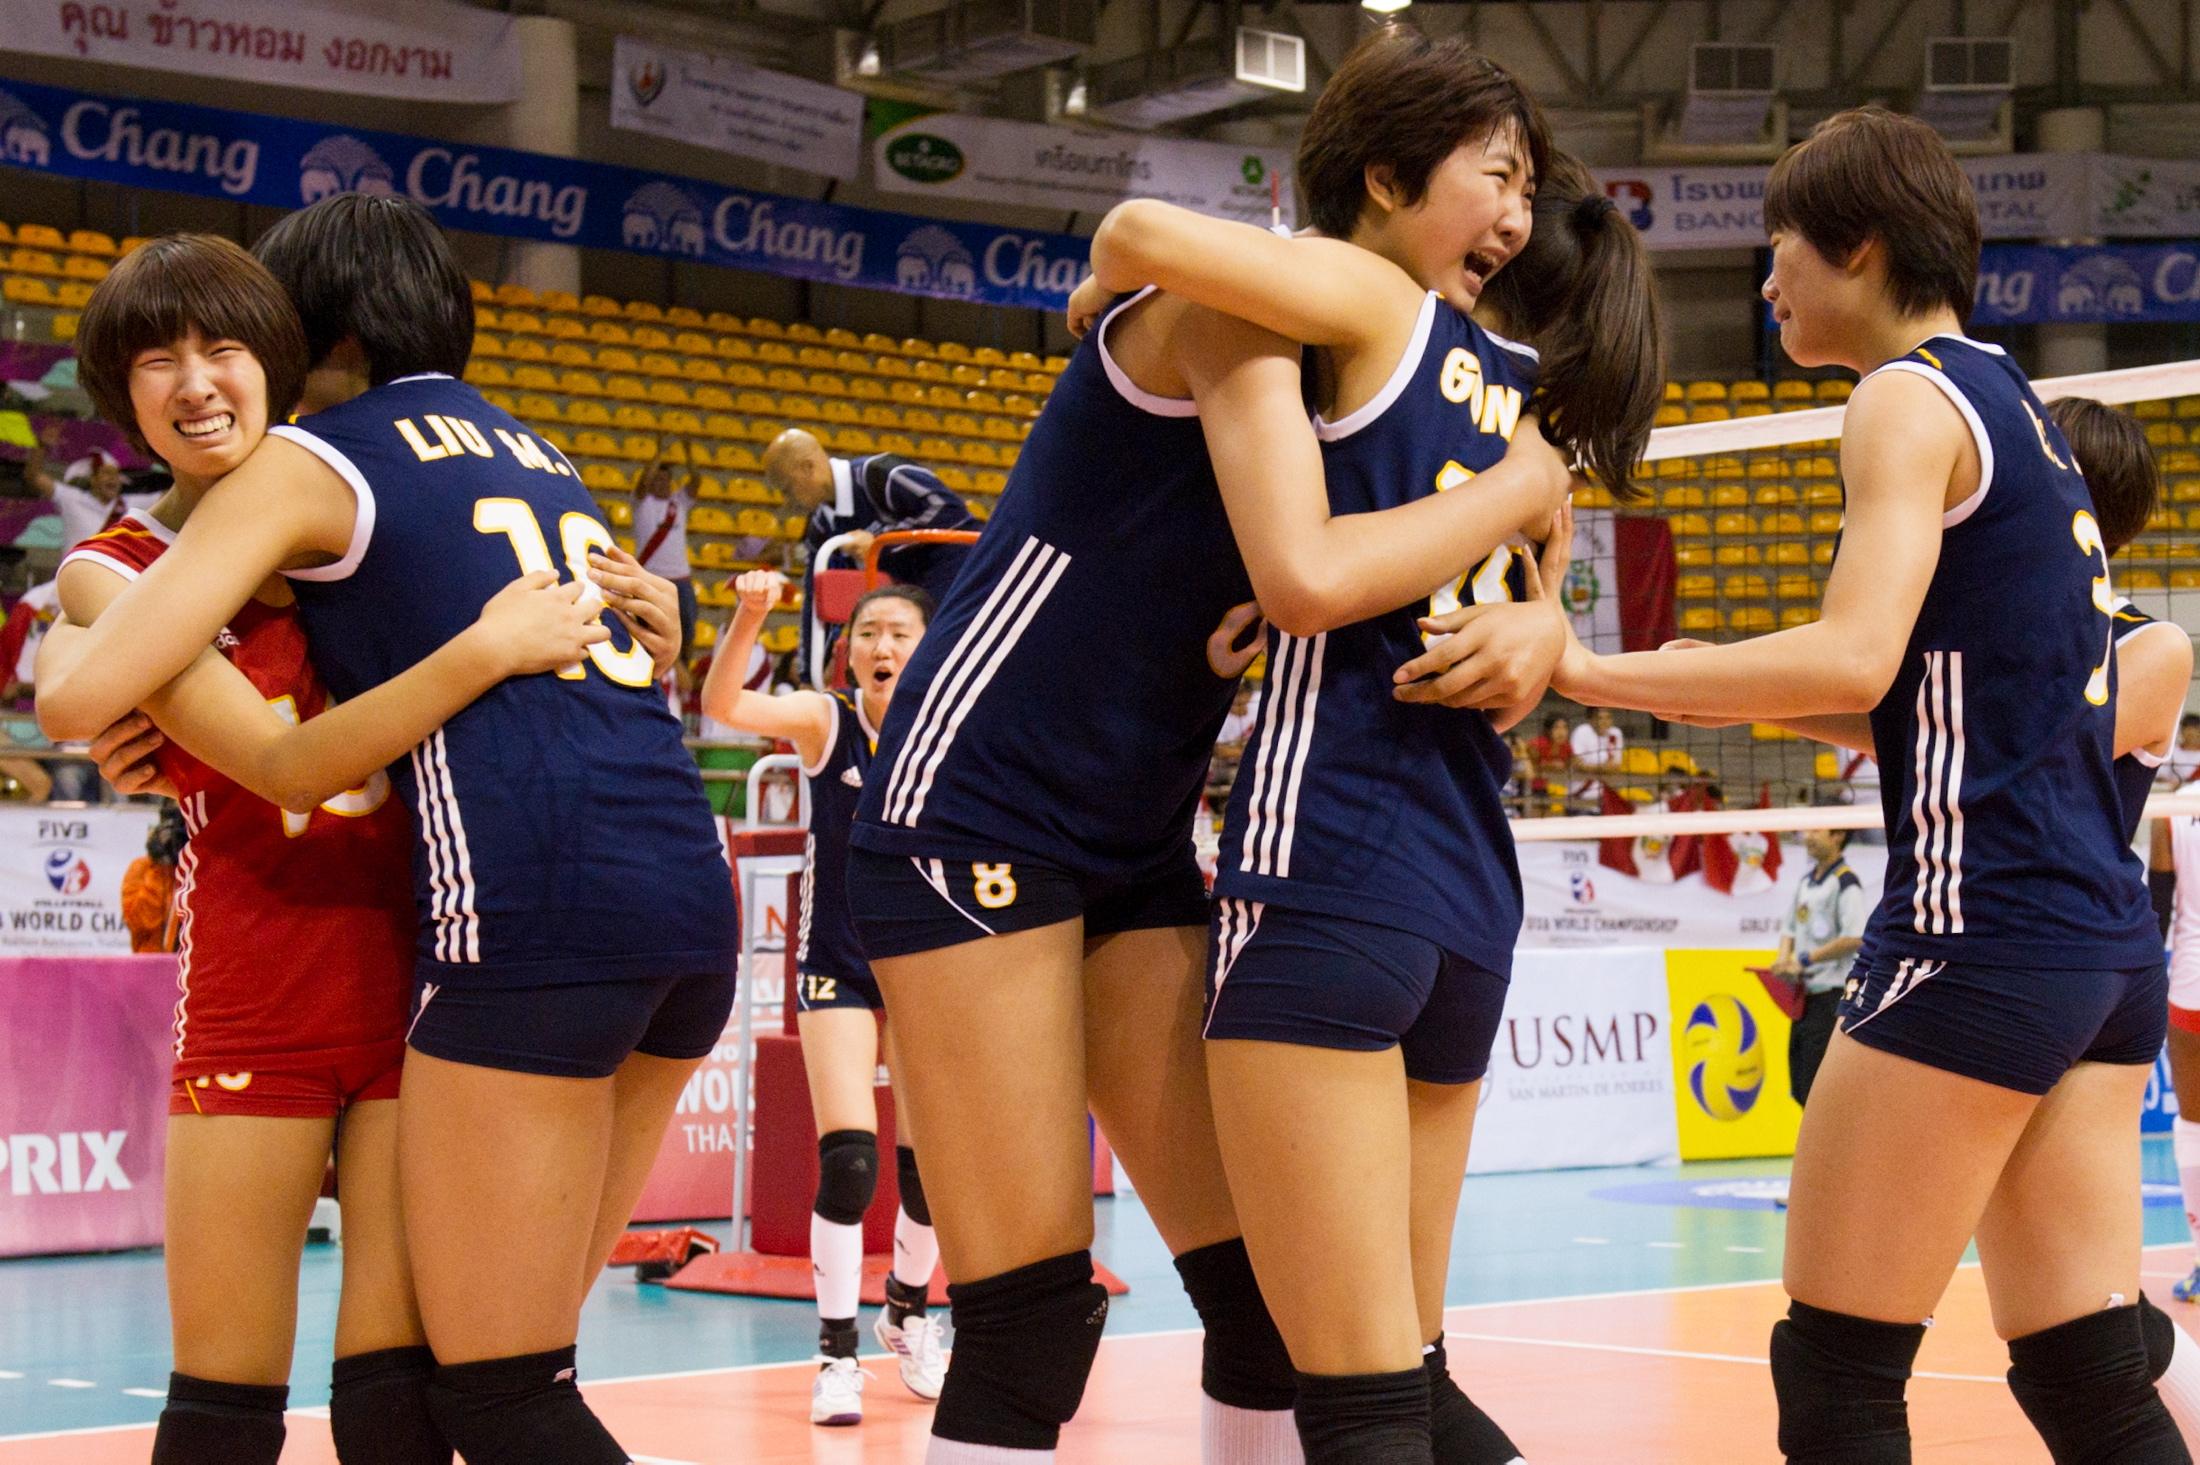 El equipo chino celebra su pase a la final.